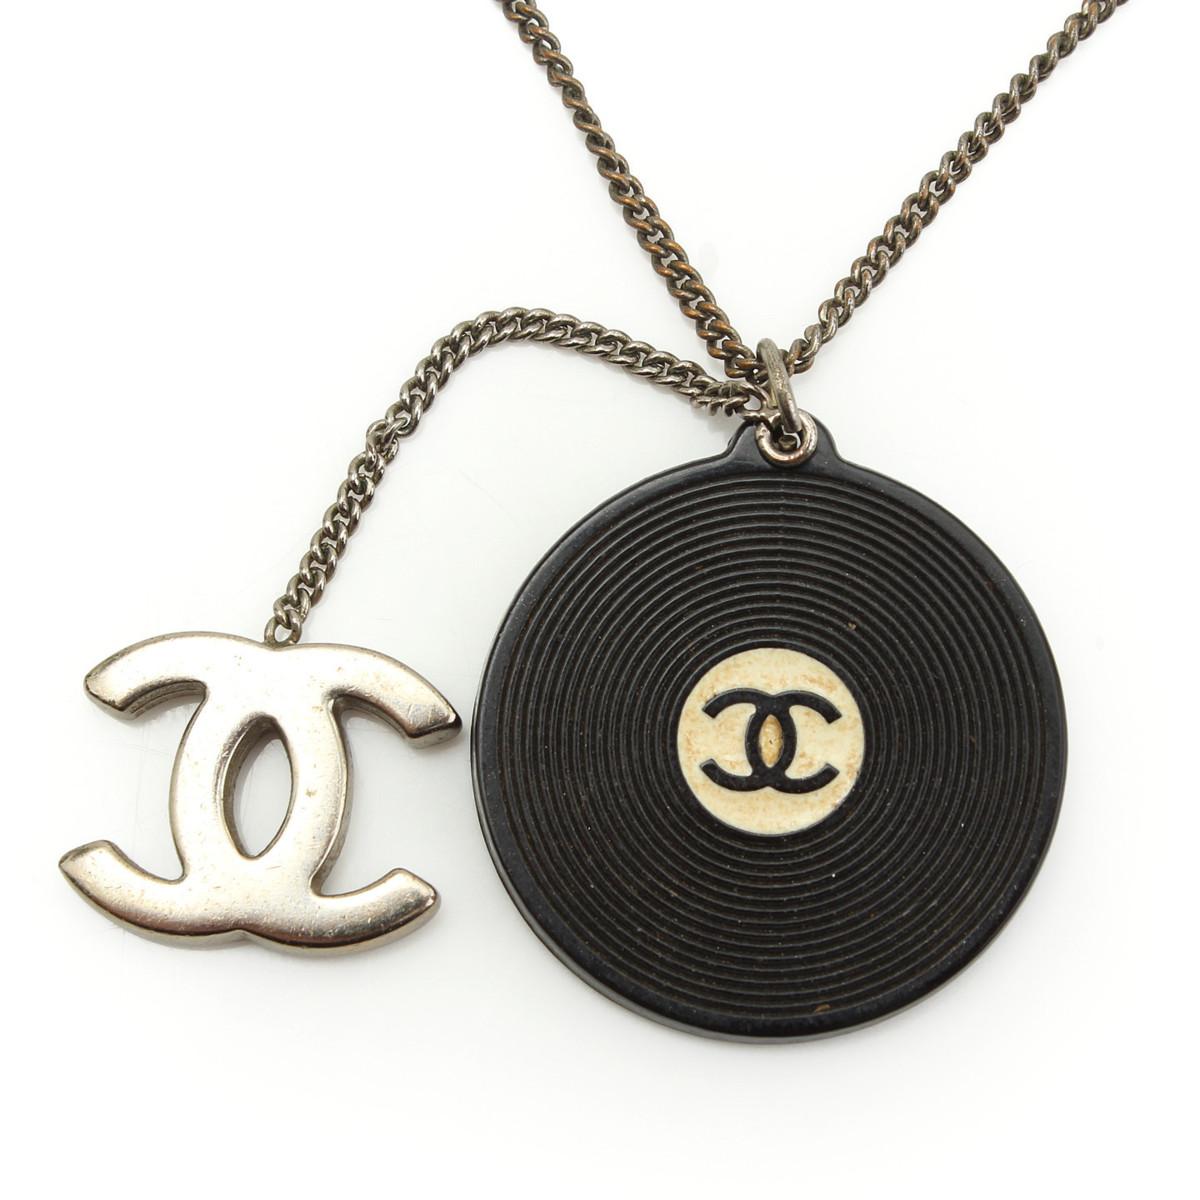 【シャネル】Chanel 04P レコード ココマーク ネックレス ブラック 【中古】【鑑定済・正規品保証】【送料無料】29453